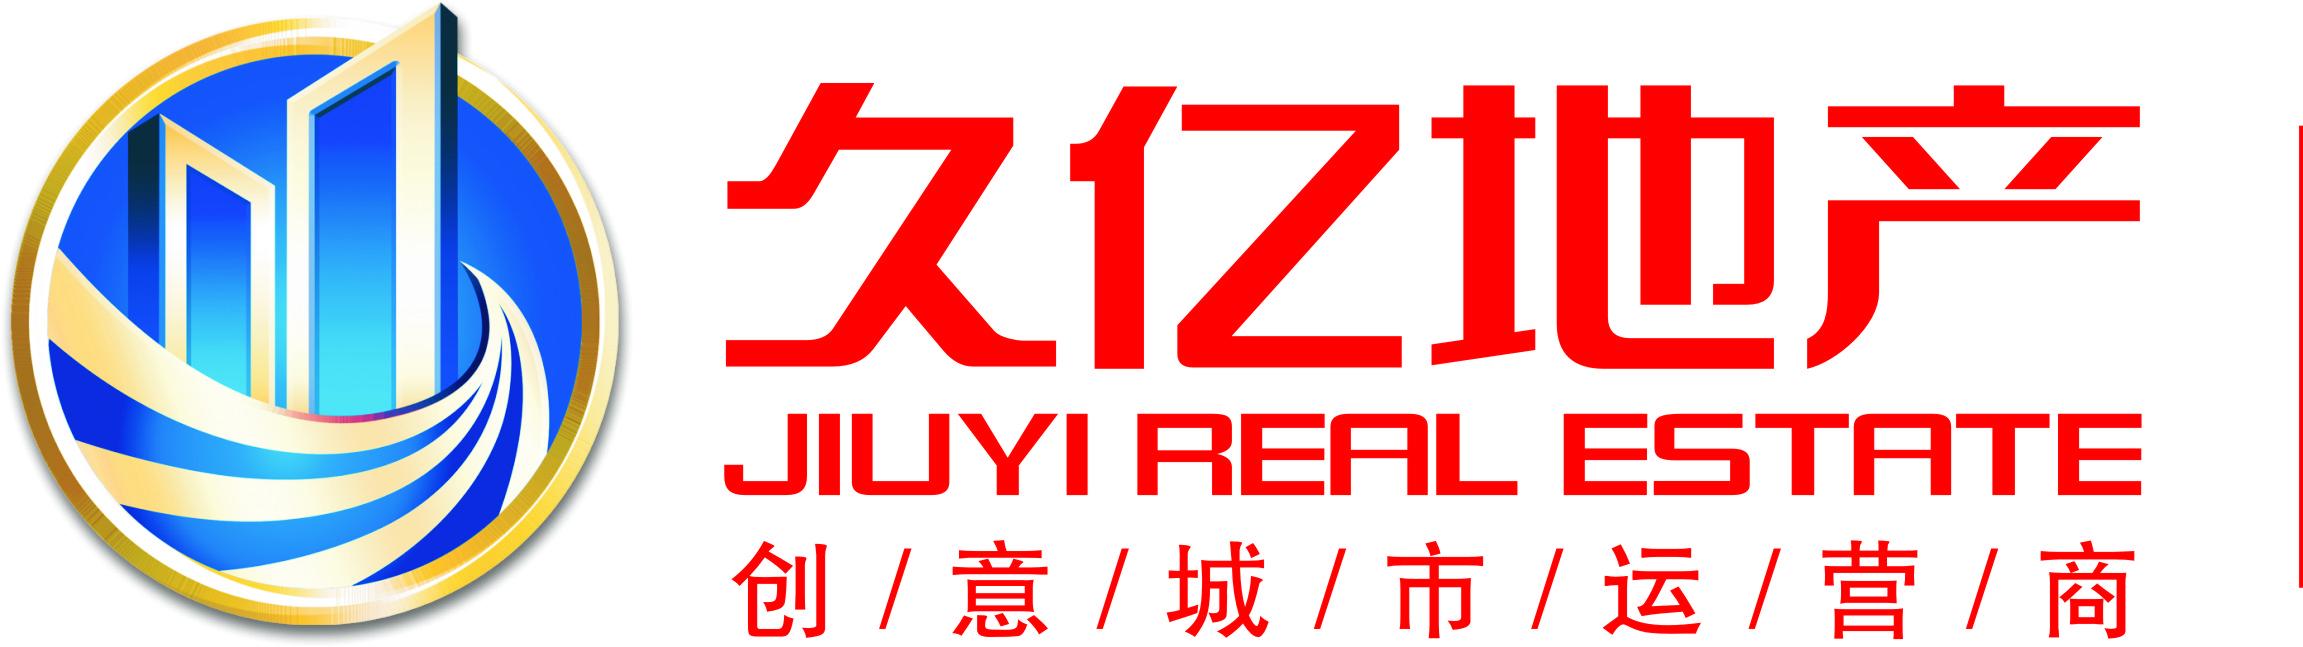 江西久亿房地产开发有限公司